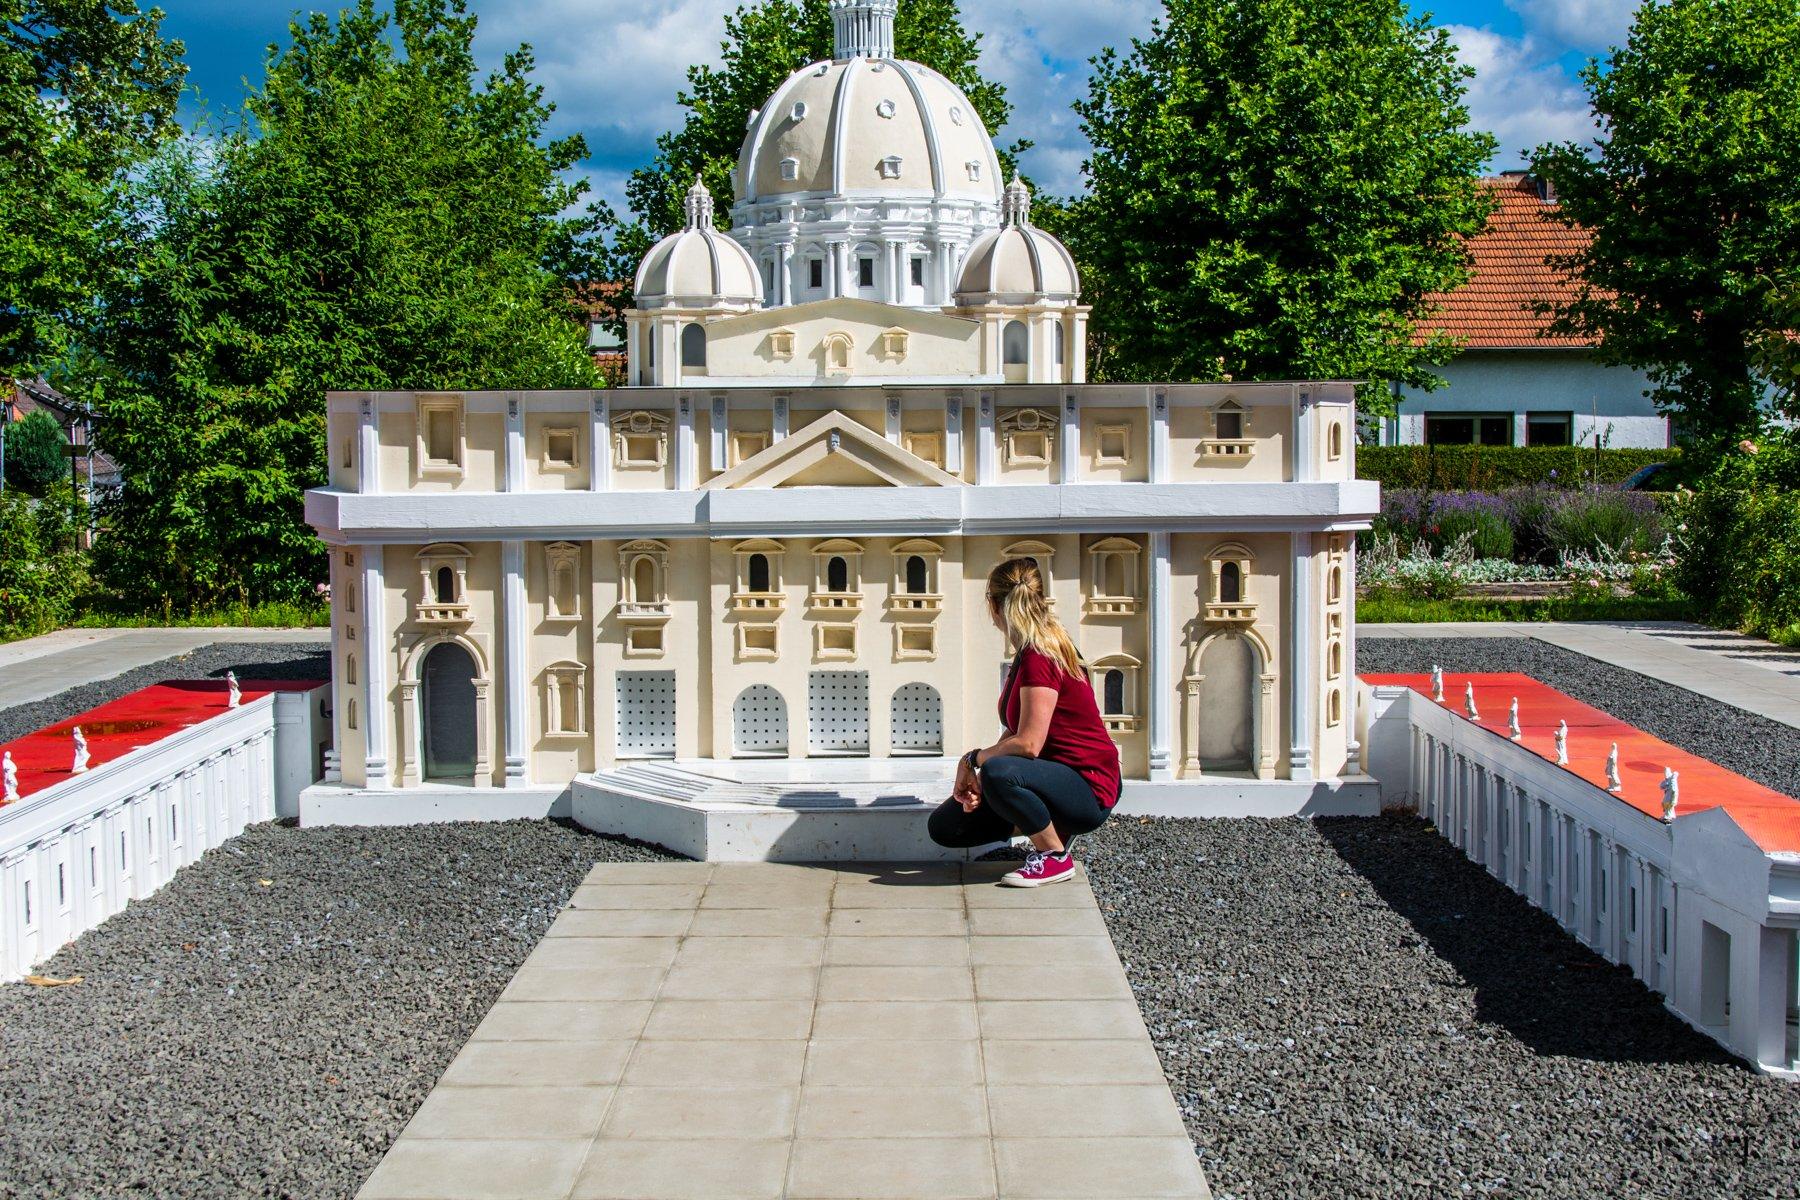 Gulliverwelt Bexbach Saarland